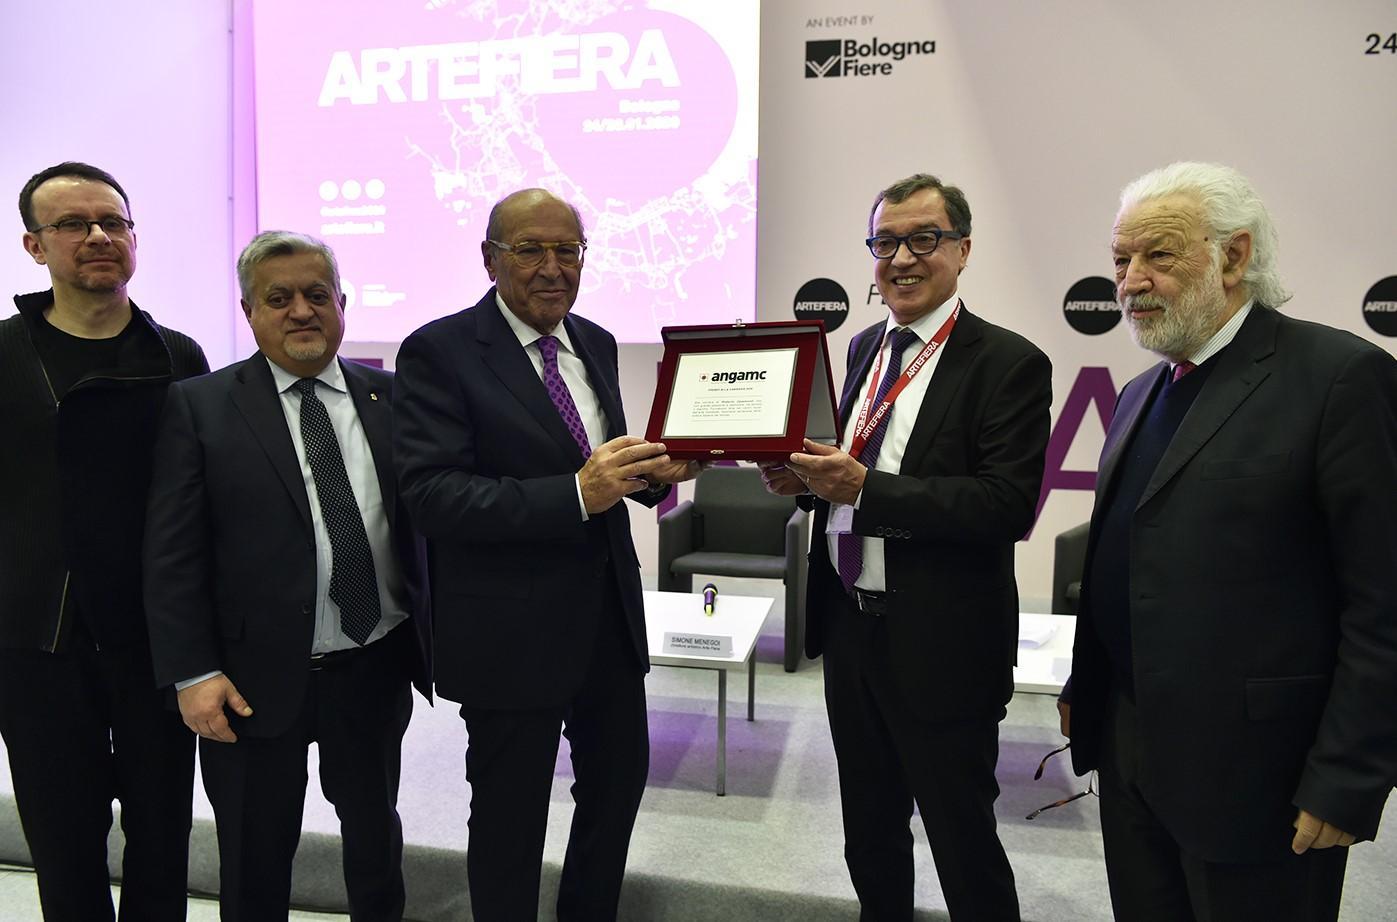 PREMIO ANGAMC 2020 A ROBERTO CASAMONTI DURANTE ARTE FIERA BOLOGNA